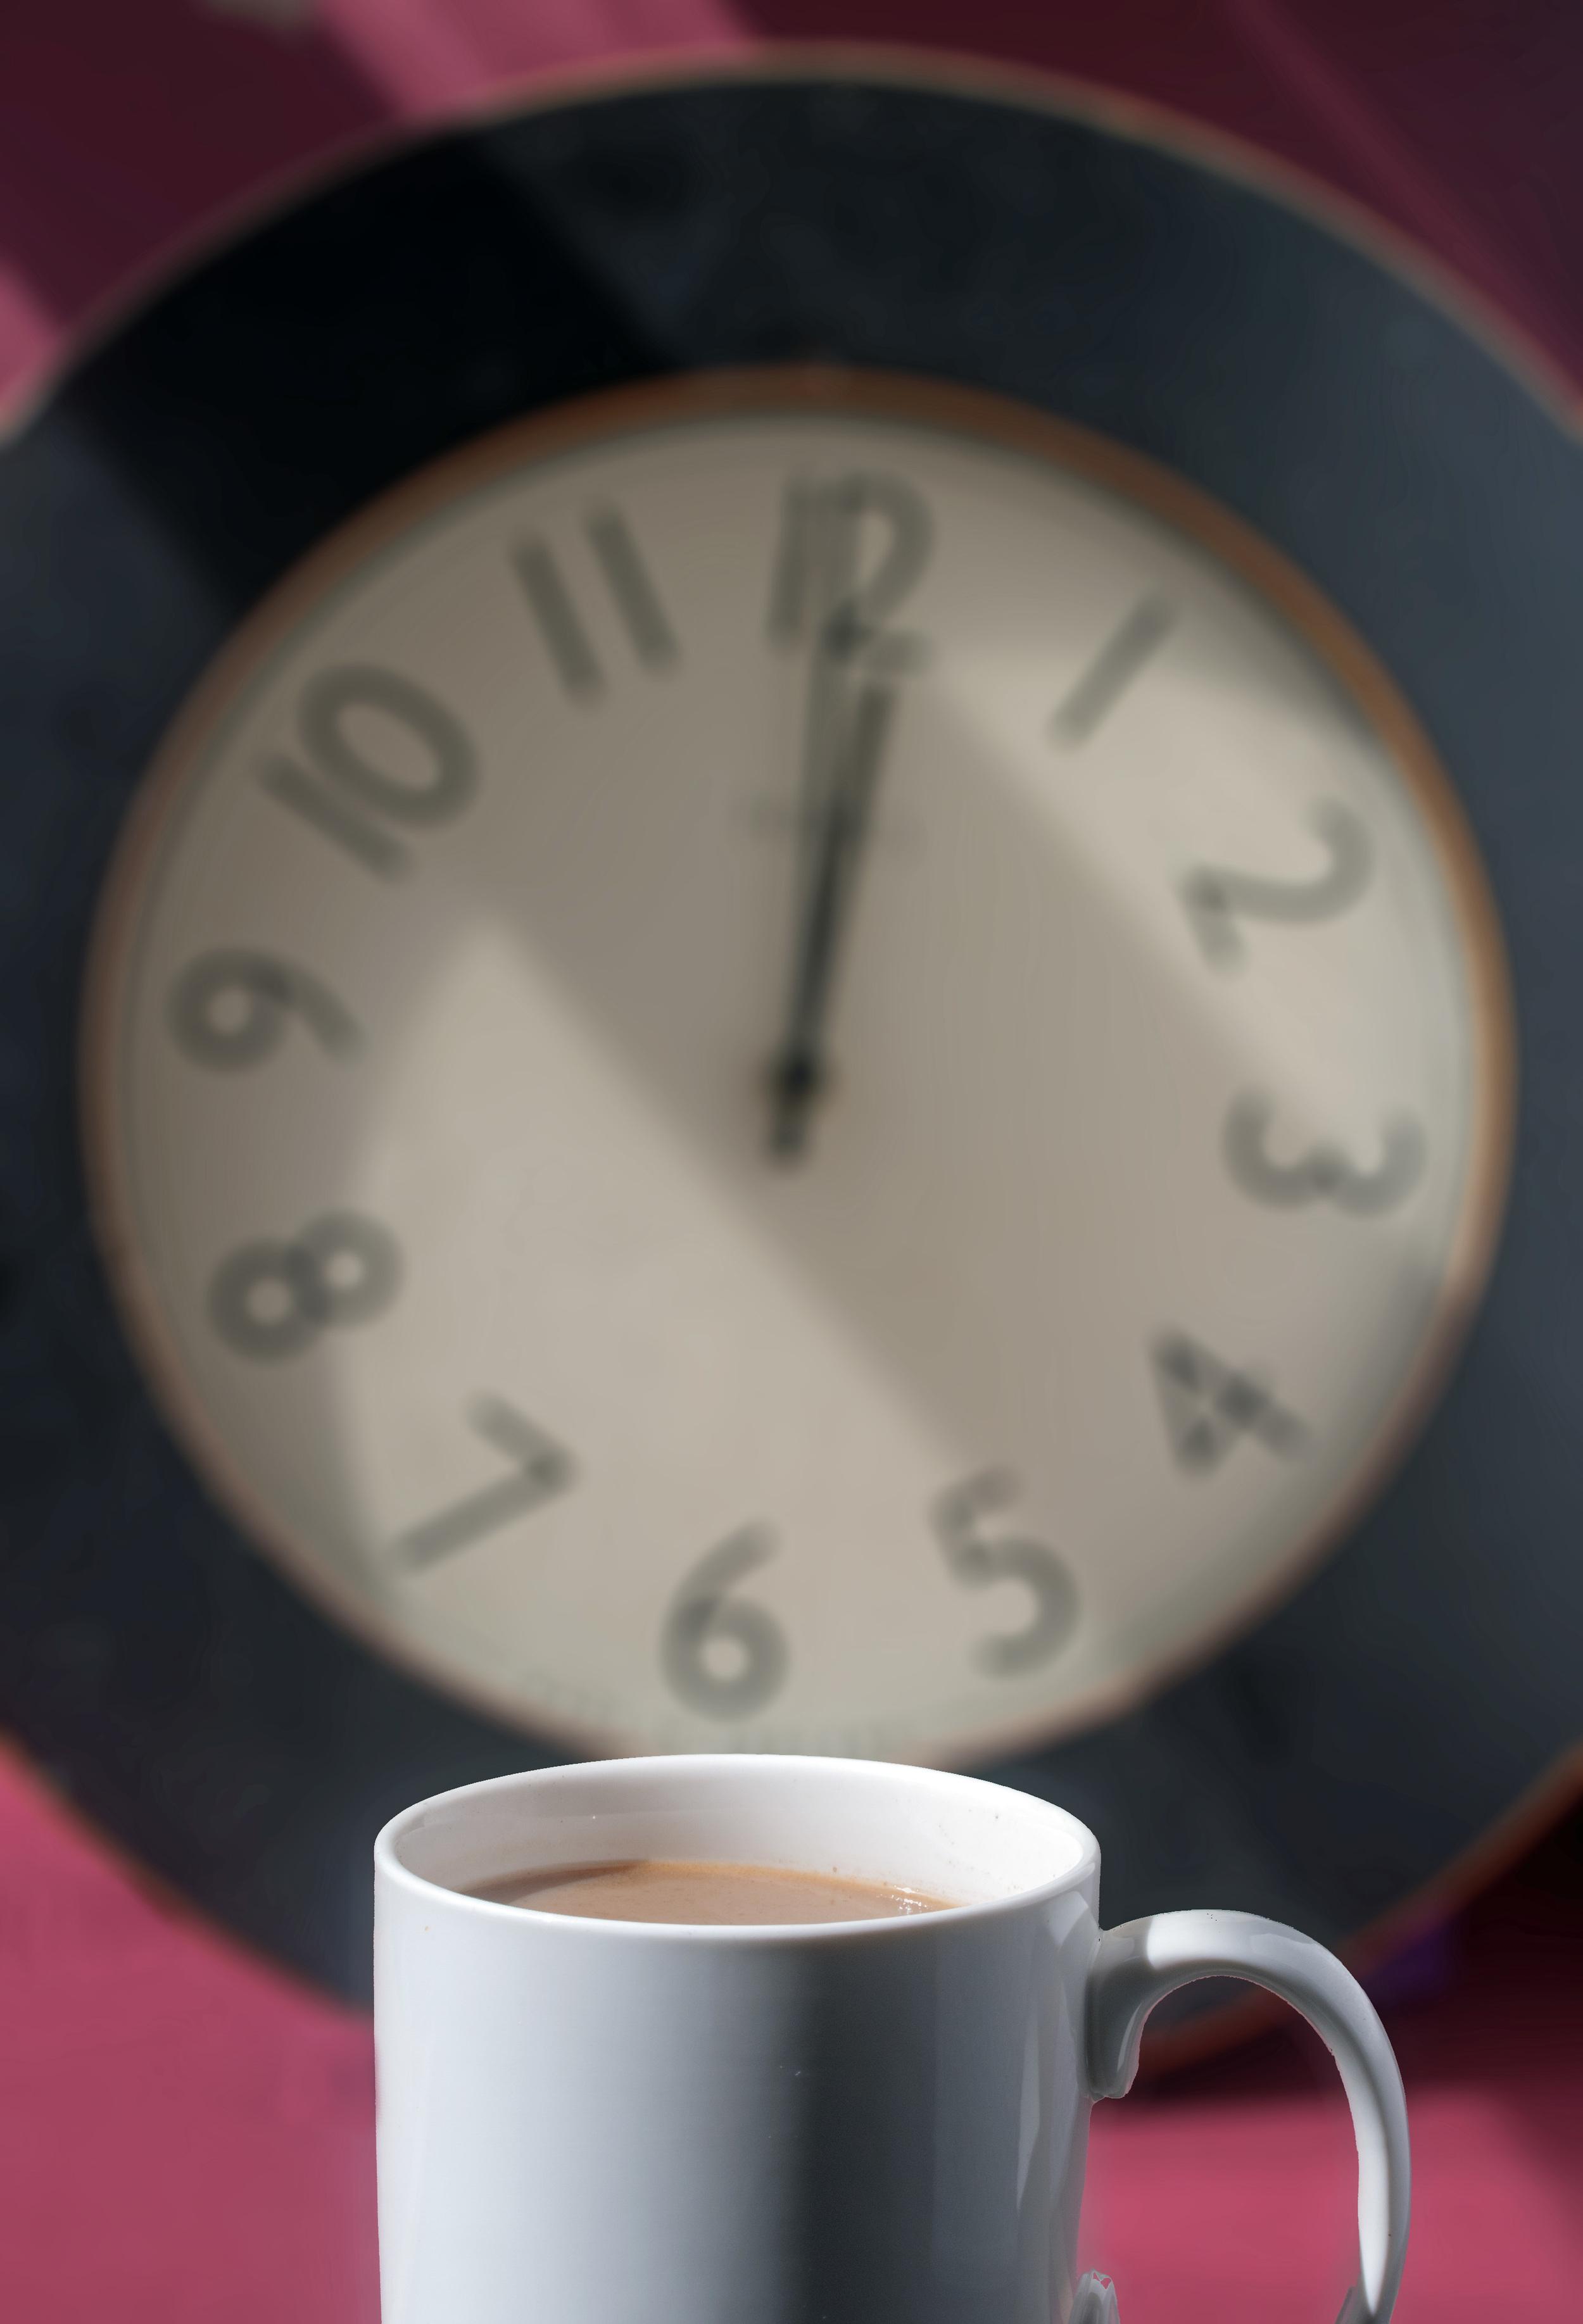 Coffee and clock.jpg